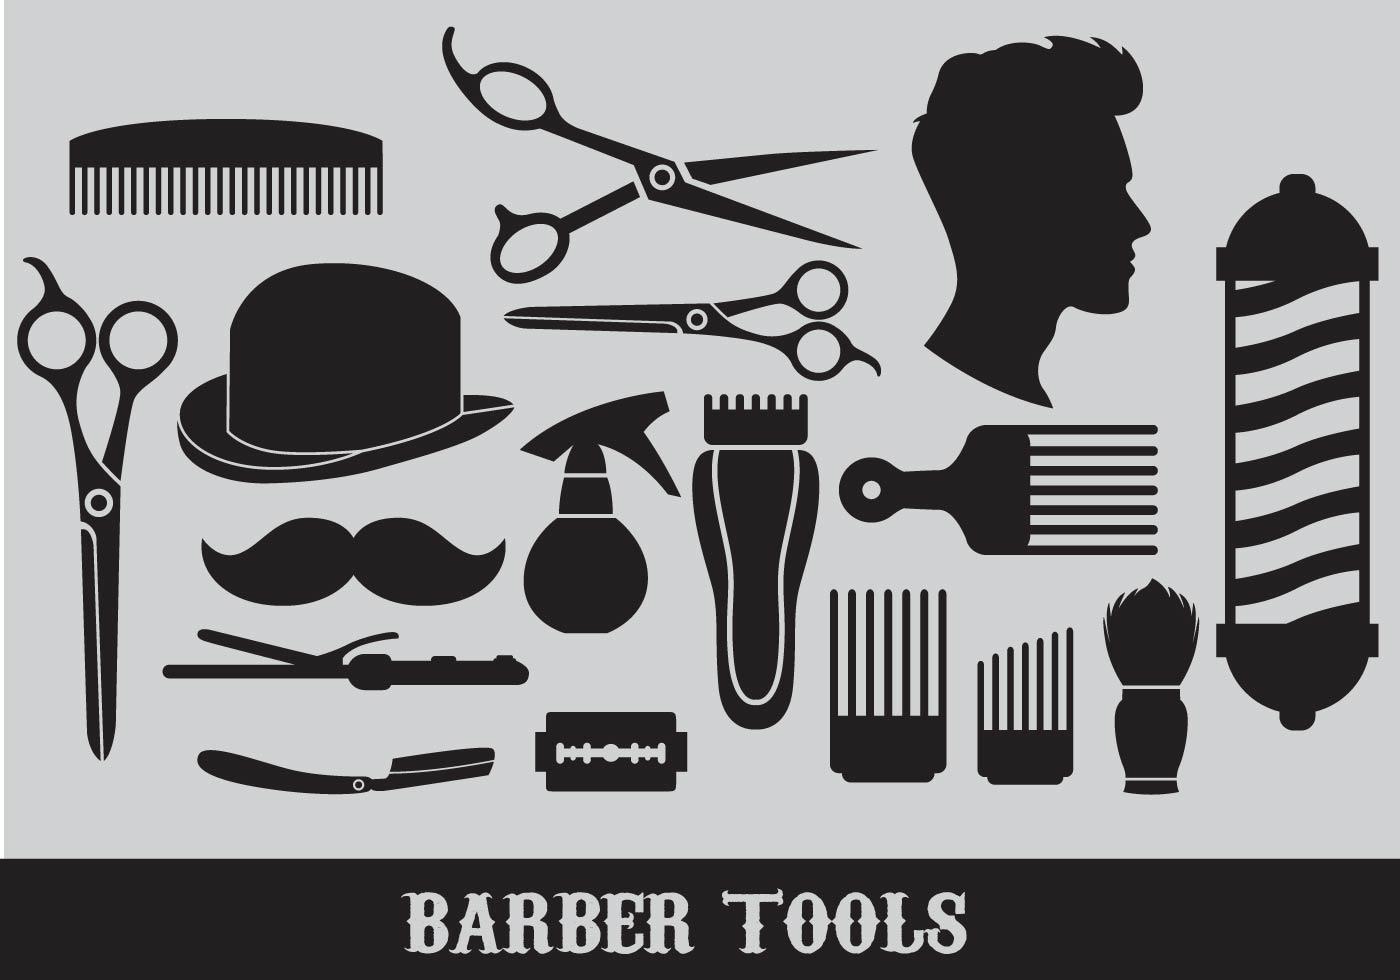 103501 Barber Tools Vectors on Beauty Salon Equipment